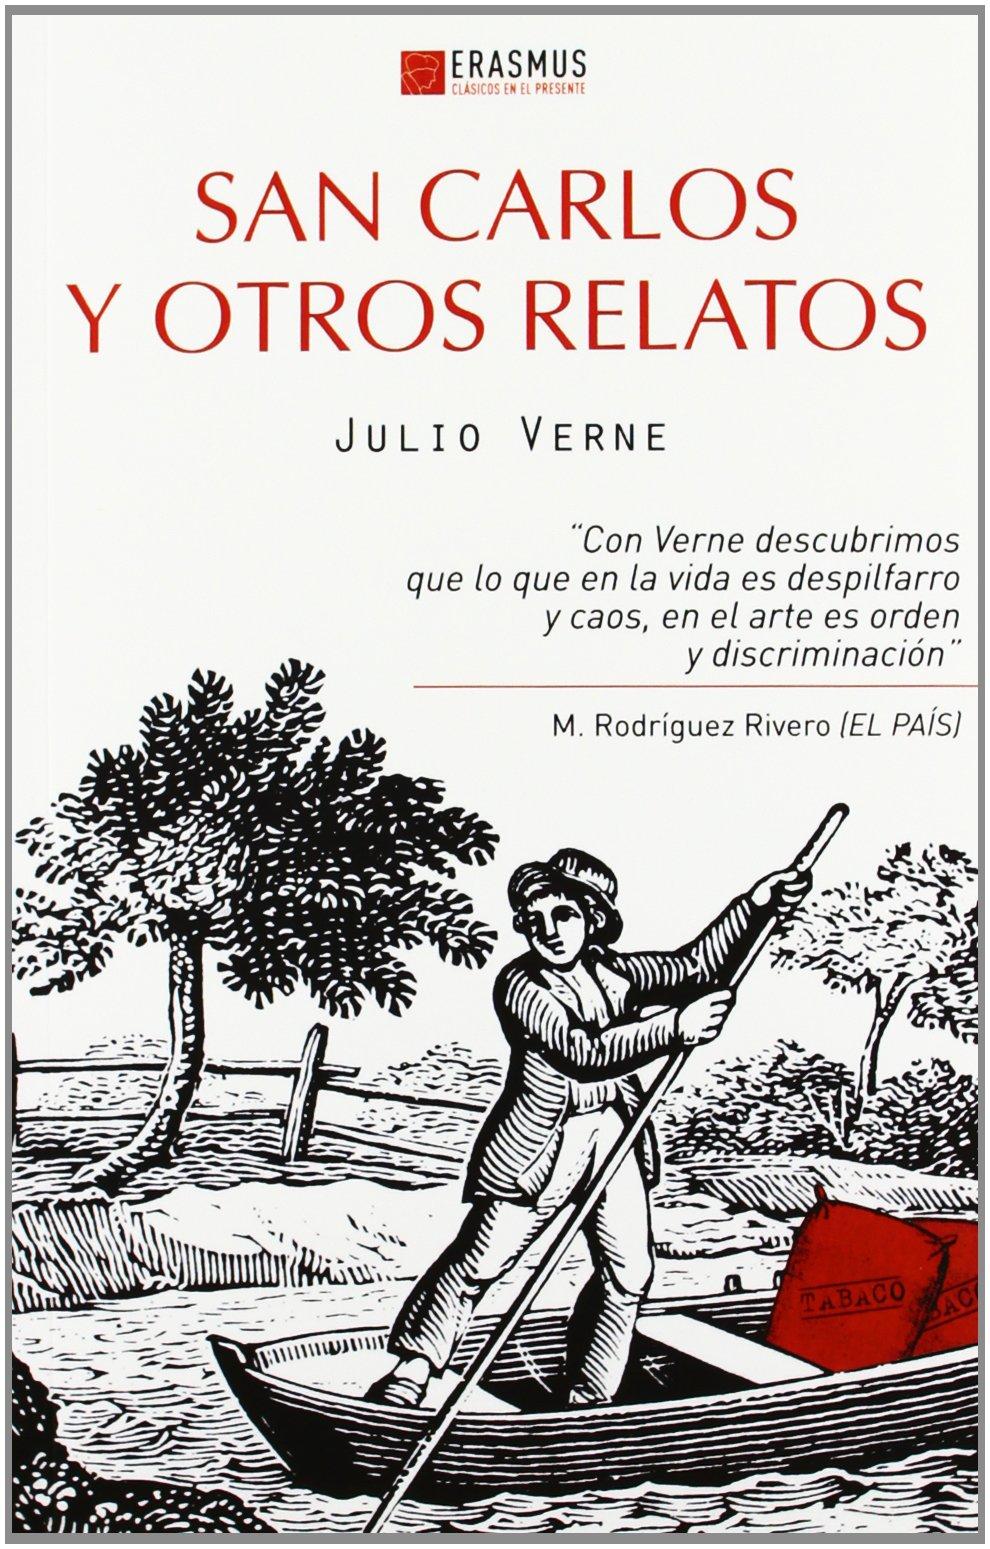 San Carlos y otros relatos (CLÁSICOS EN EL PRESENTE) Tapa blanda – 15 nov 2012 Julio Verne ERASMUS EDICIONES 8415462050 Adventure